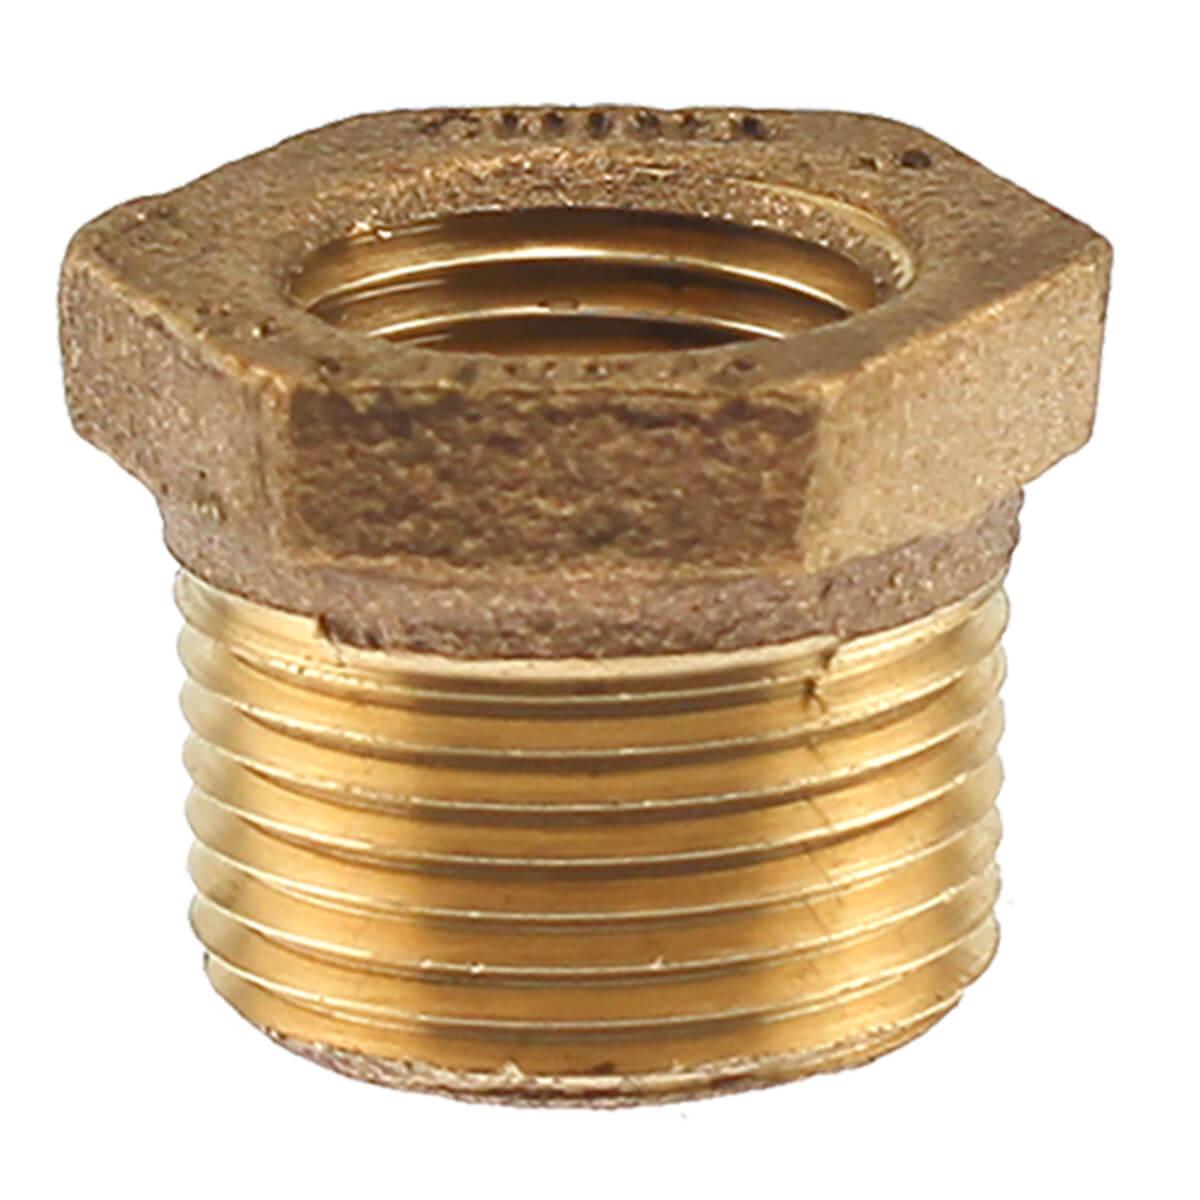 Bronze Bushing - 3/4-in x 1/2-in